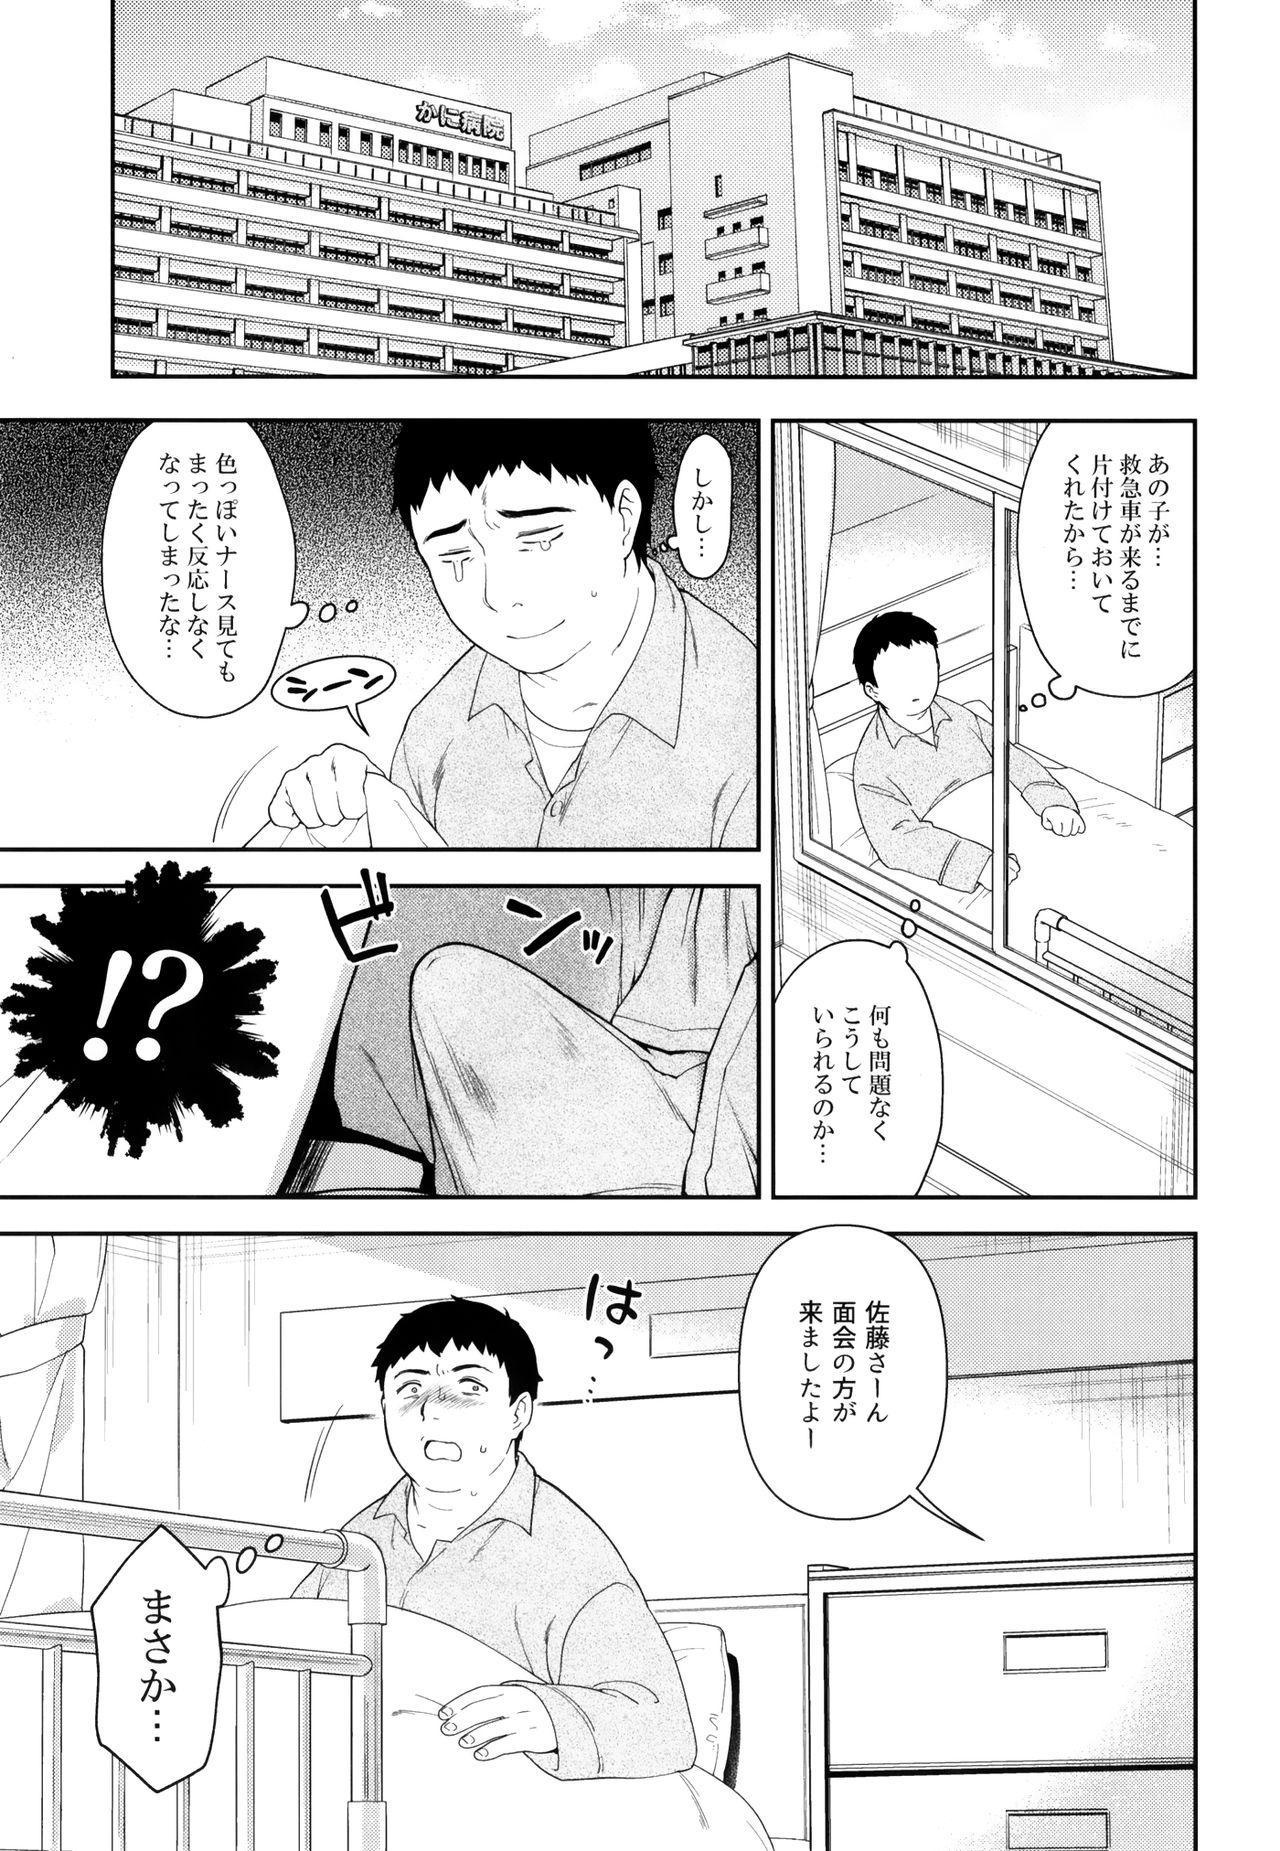 Keiken na Sister Minarai ga Otoko no Tokunou Seieki o Shiboritsukusu Hon 21